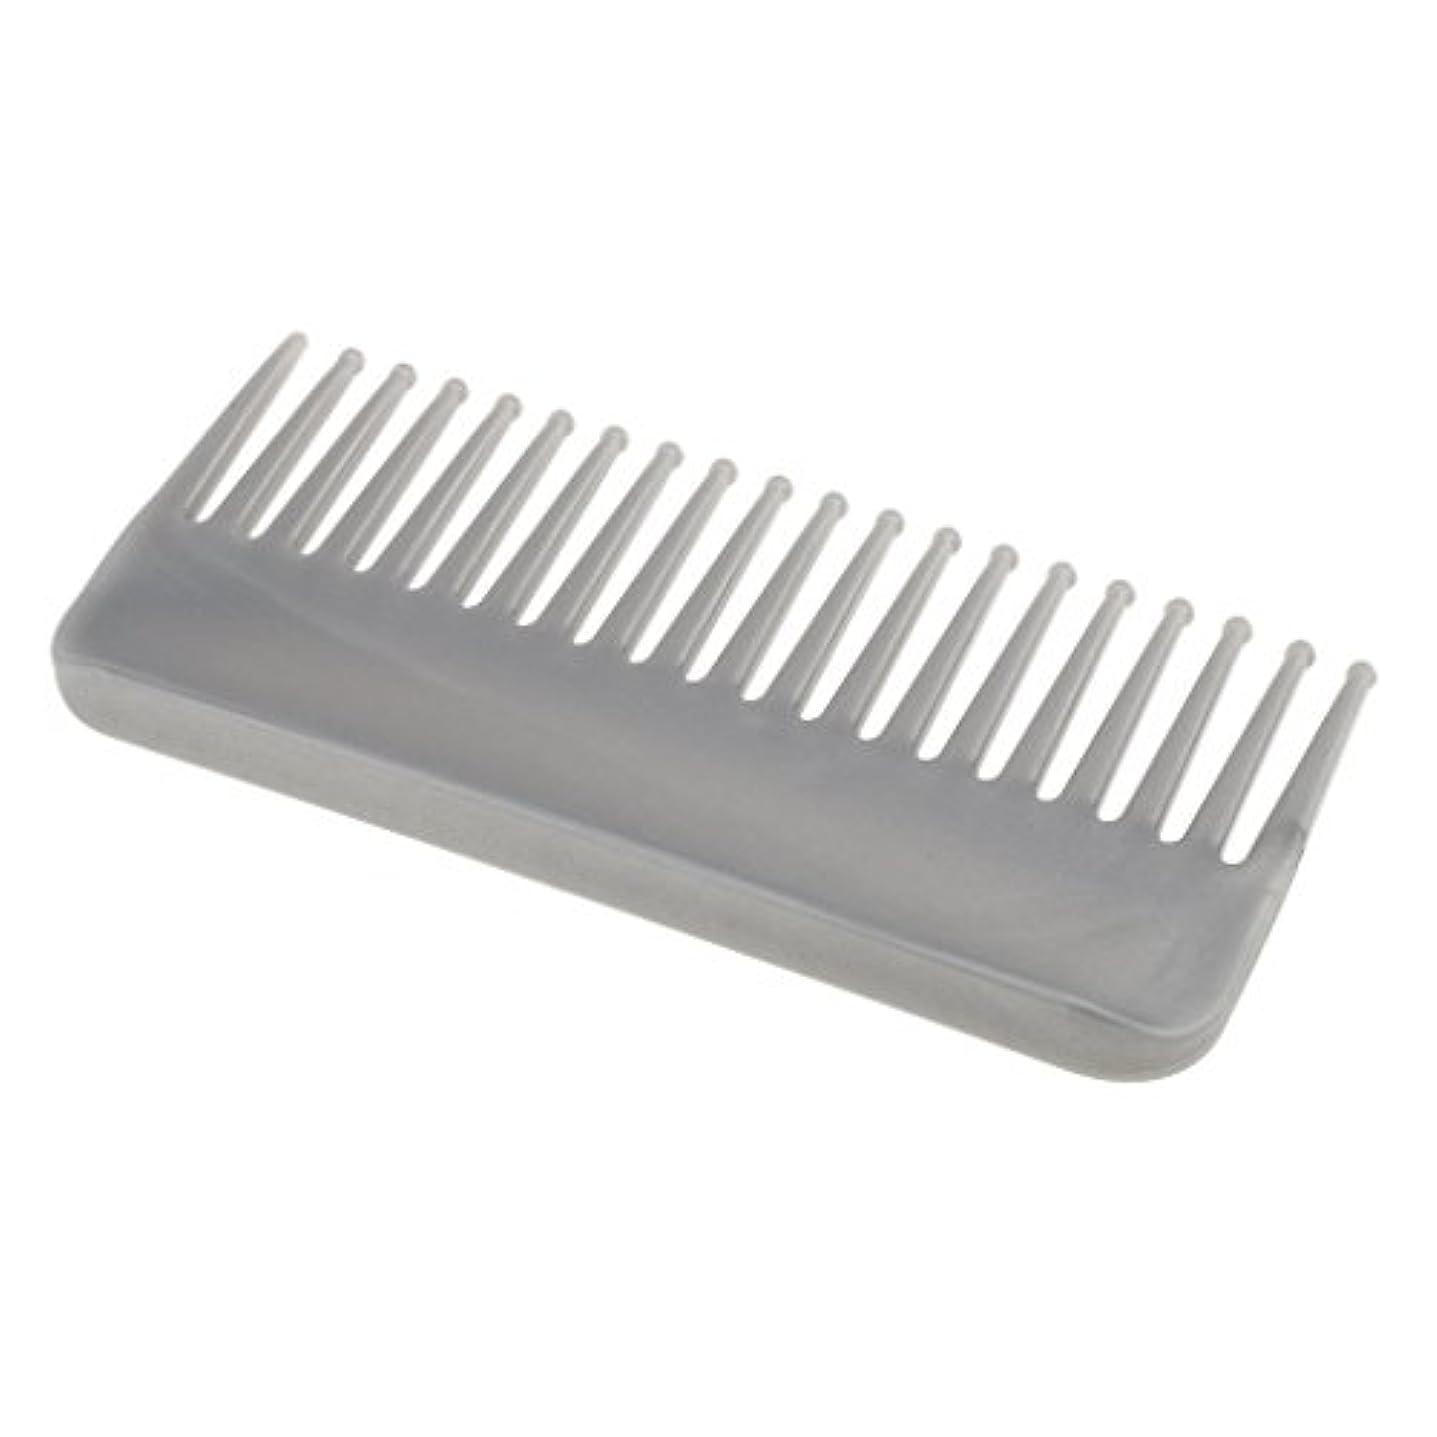 競争力のある眠いです目指すプラスチック製の絡みのない広い歯のヘアブラシサロンヘアケアマッサージツール